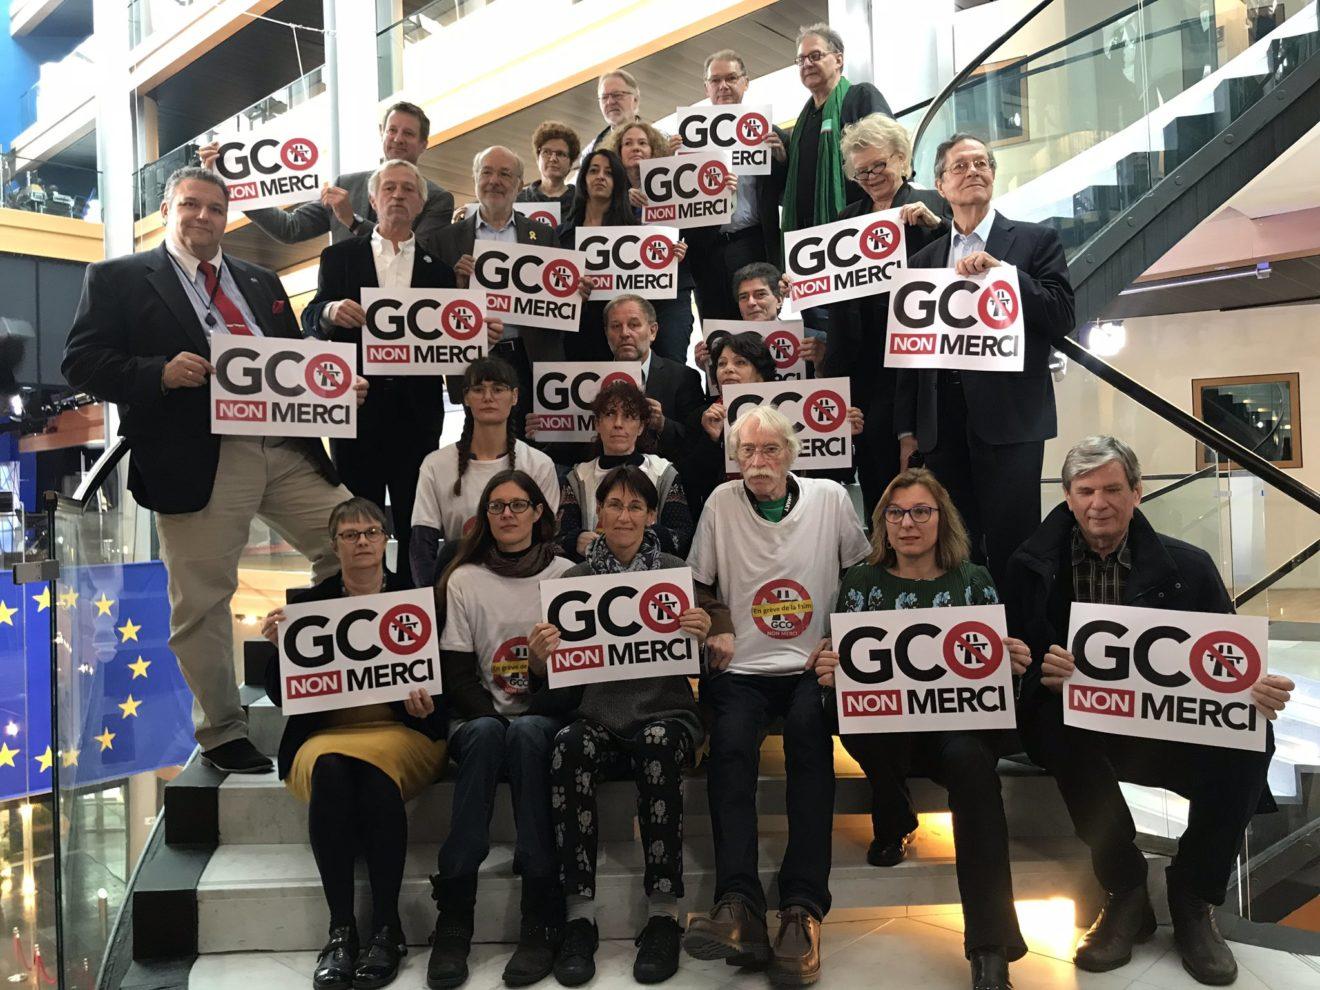 GCO : soutien aux grévistes de la faim